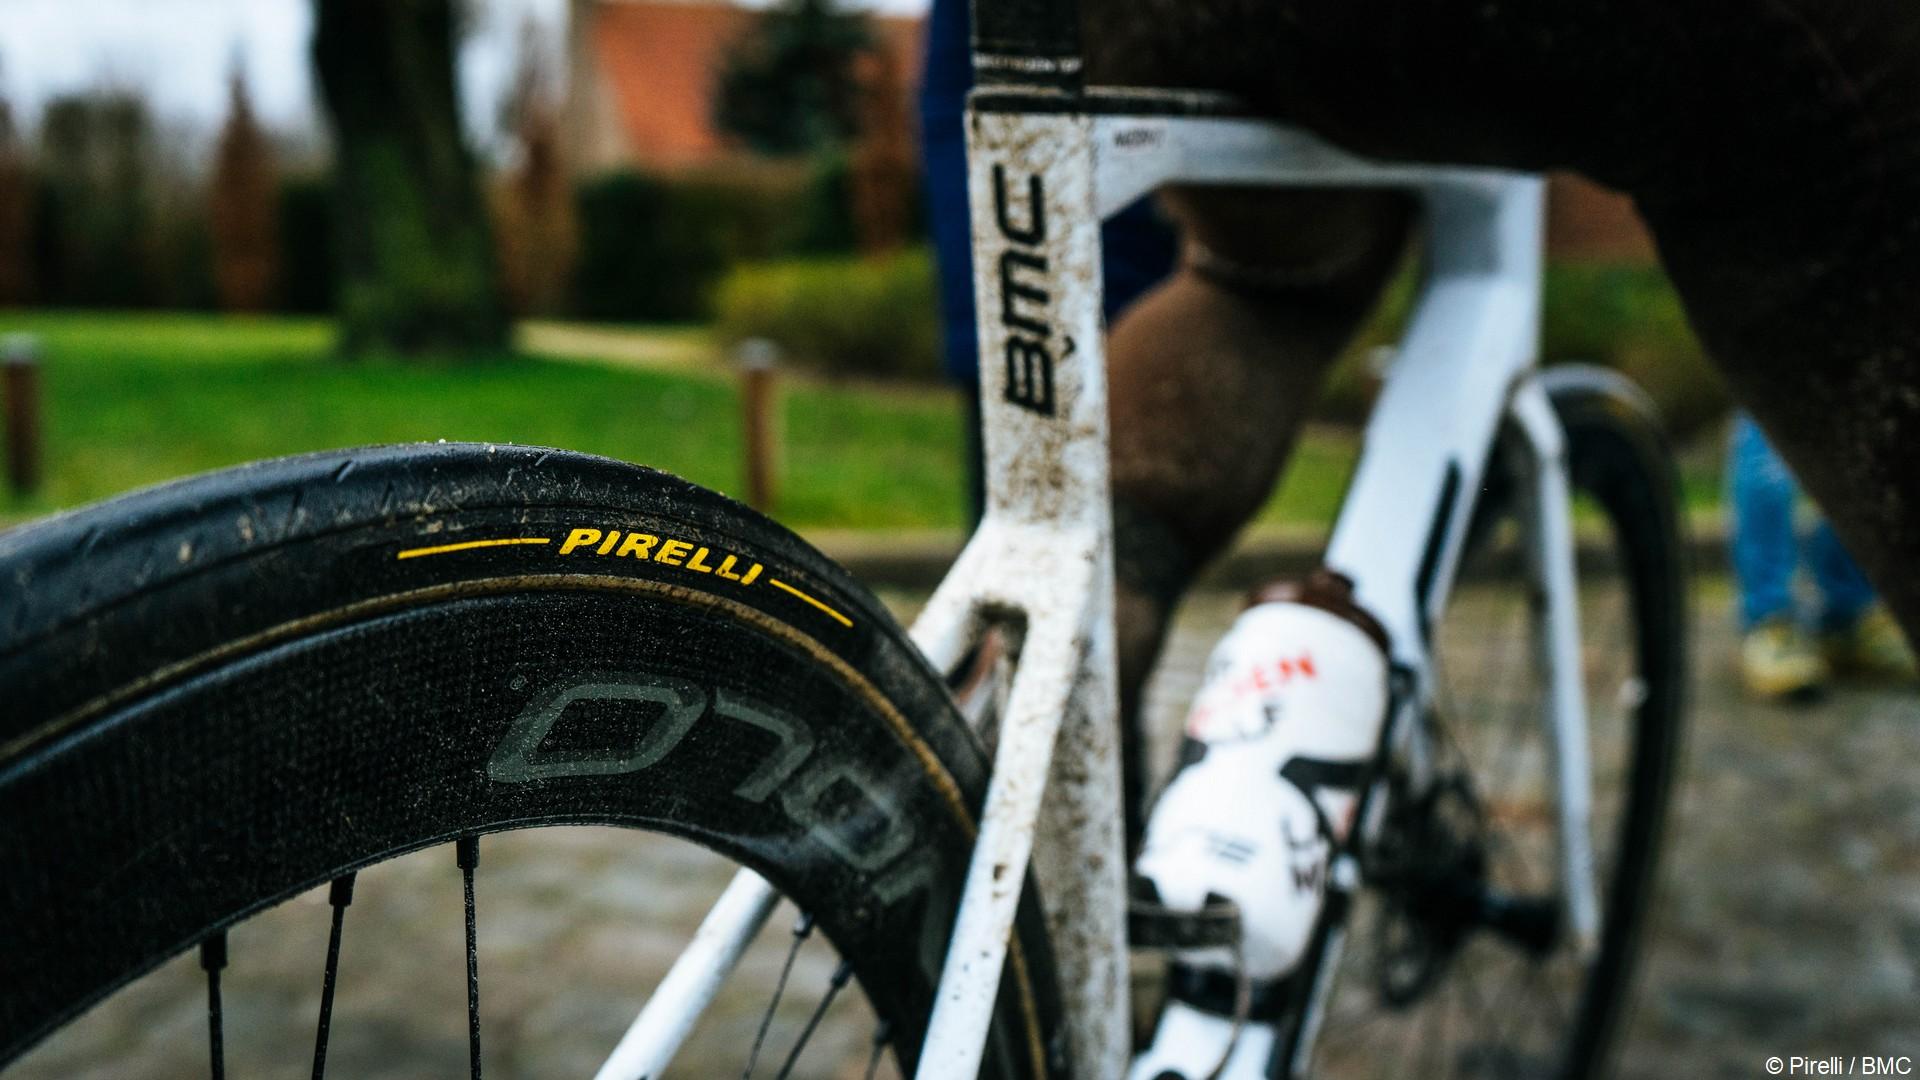 BMC – Pirelli – vélo (2)